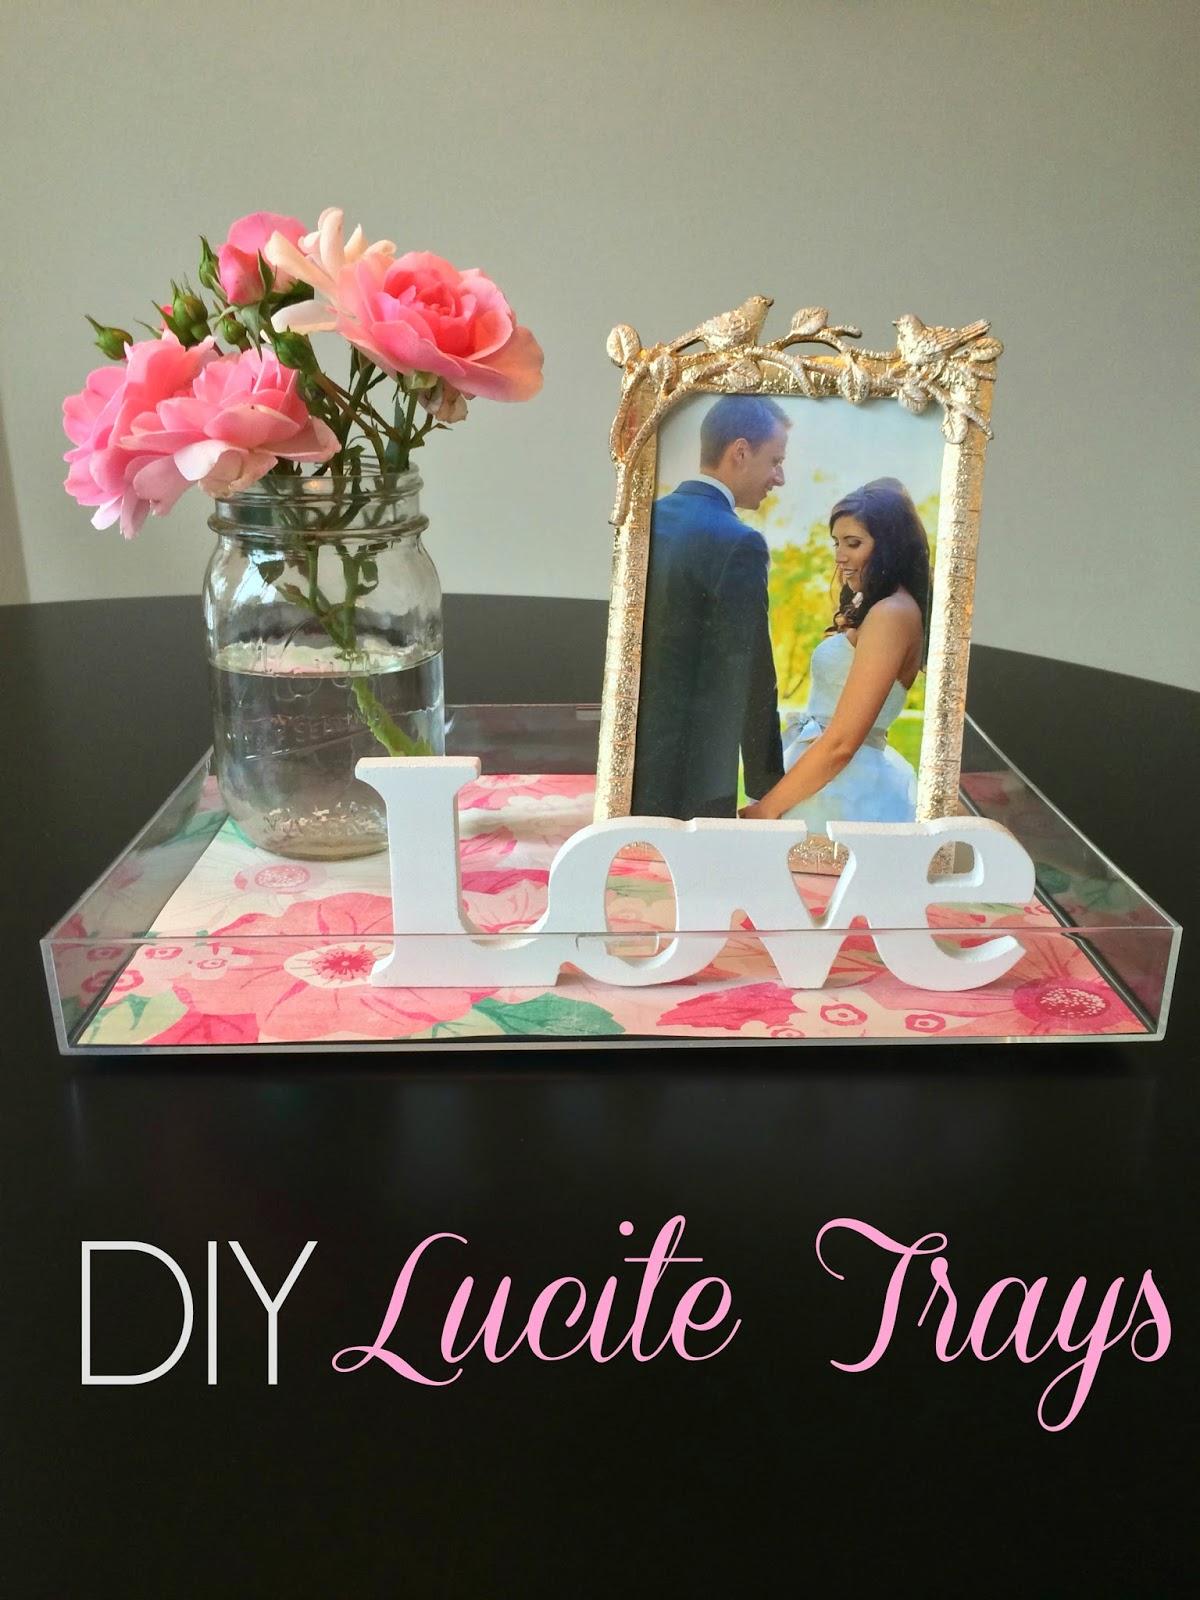 DIY Lucite Trays